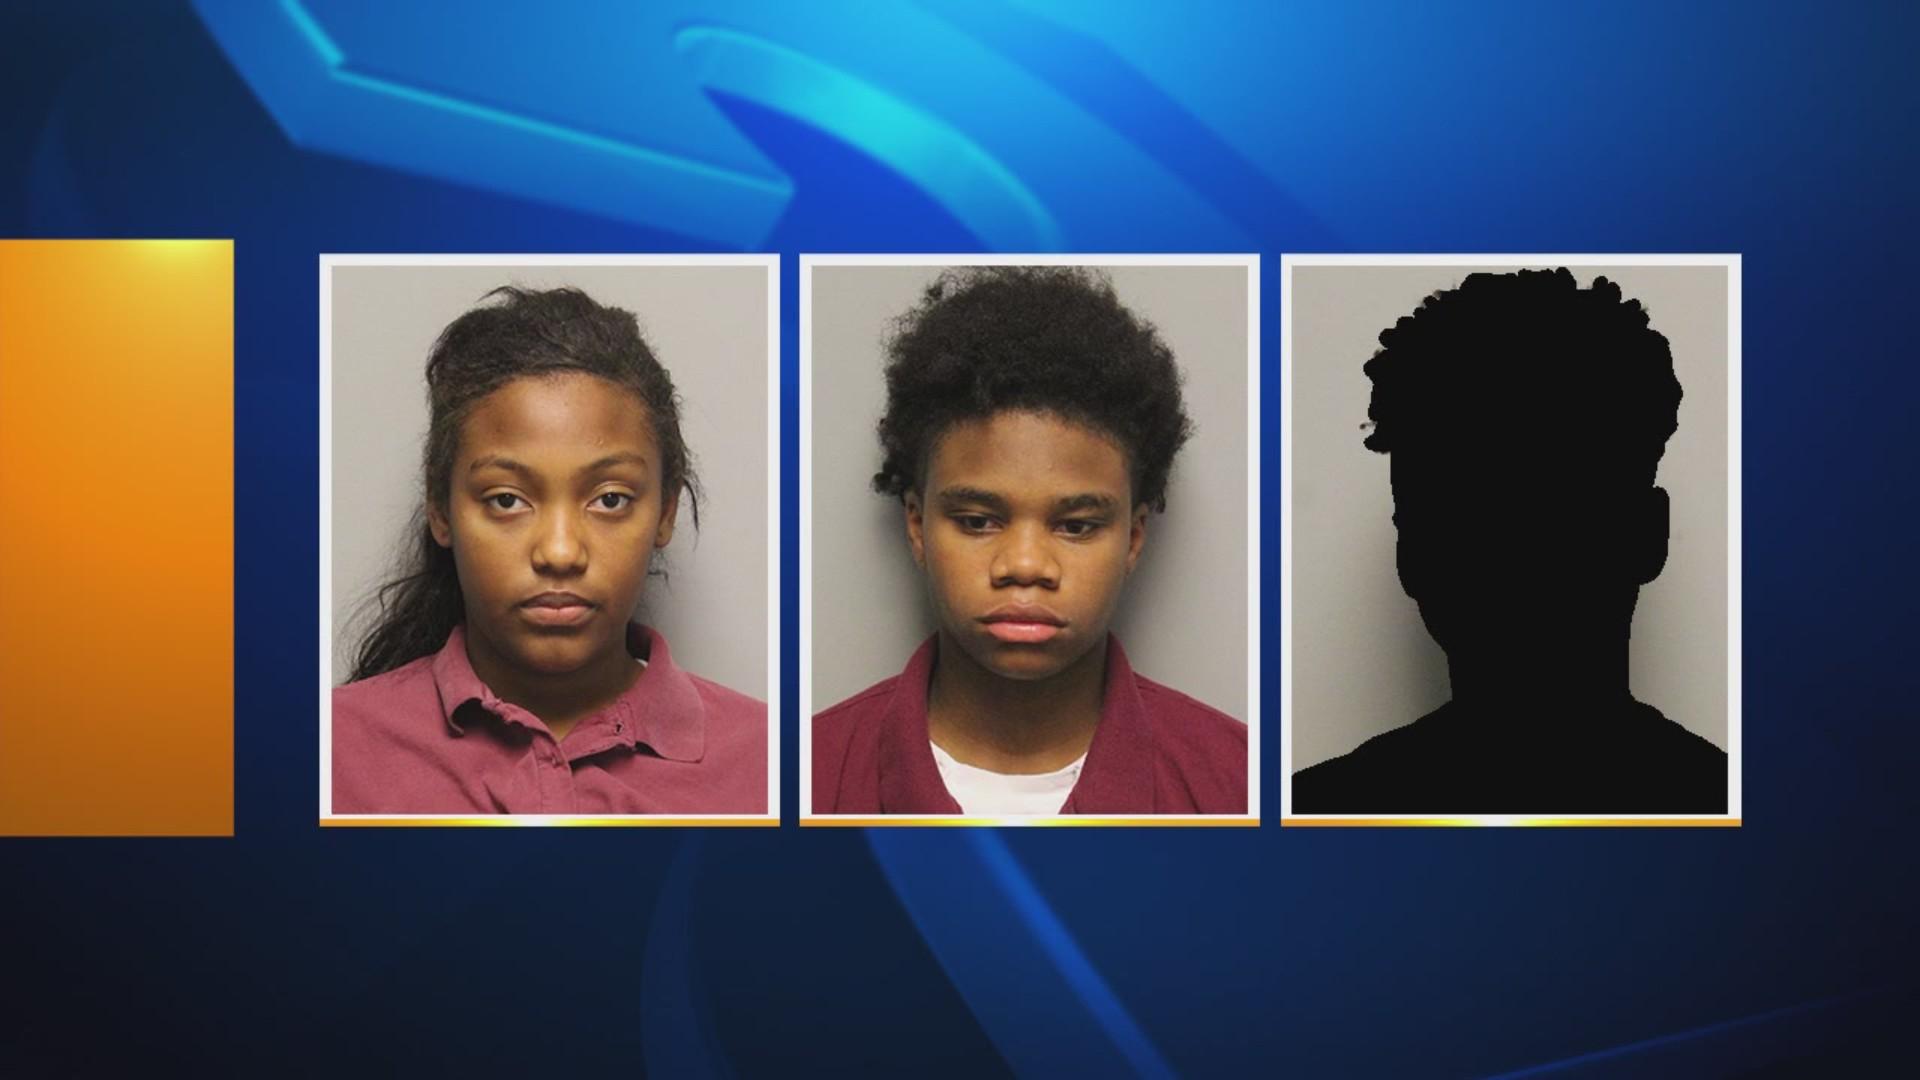 Teen suspects in court_1550803840787.jpg.jpg